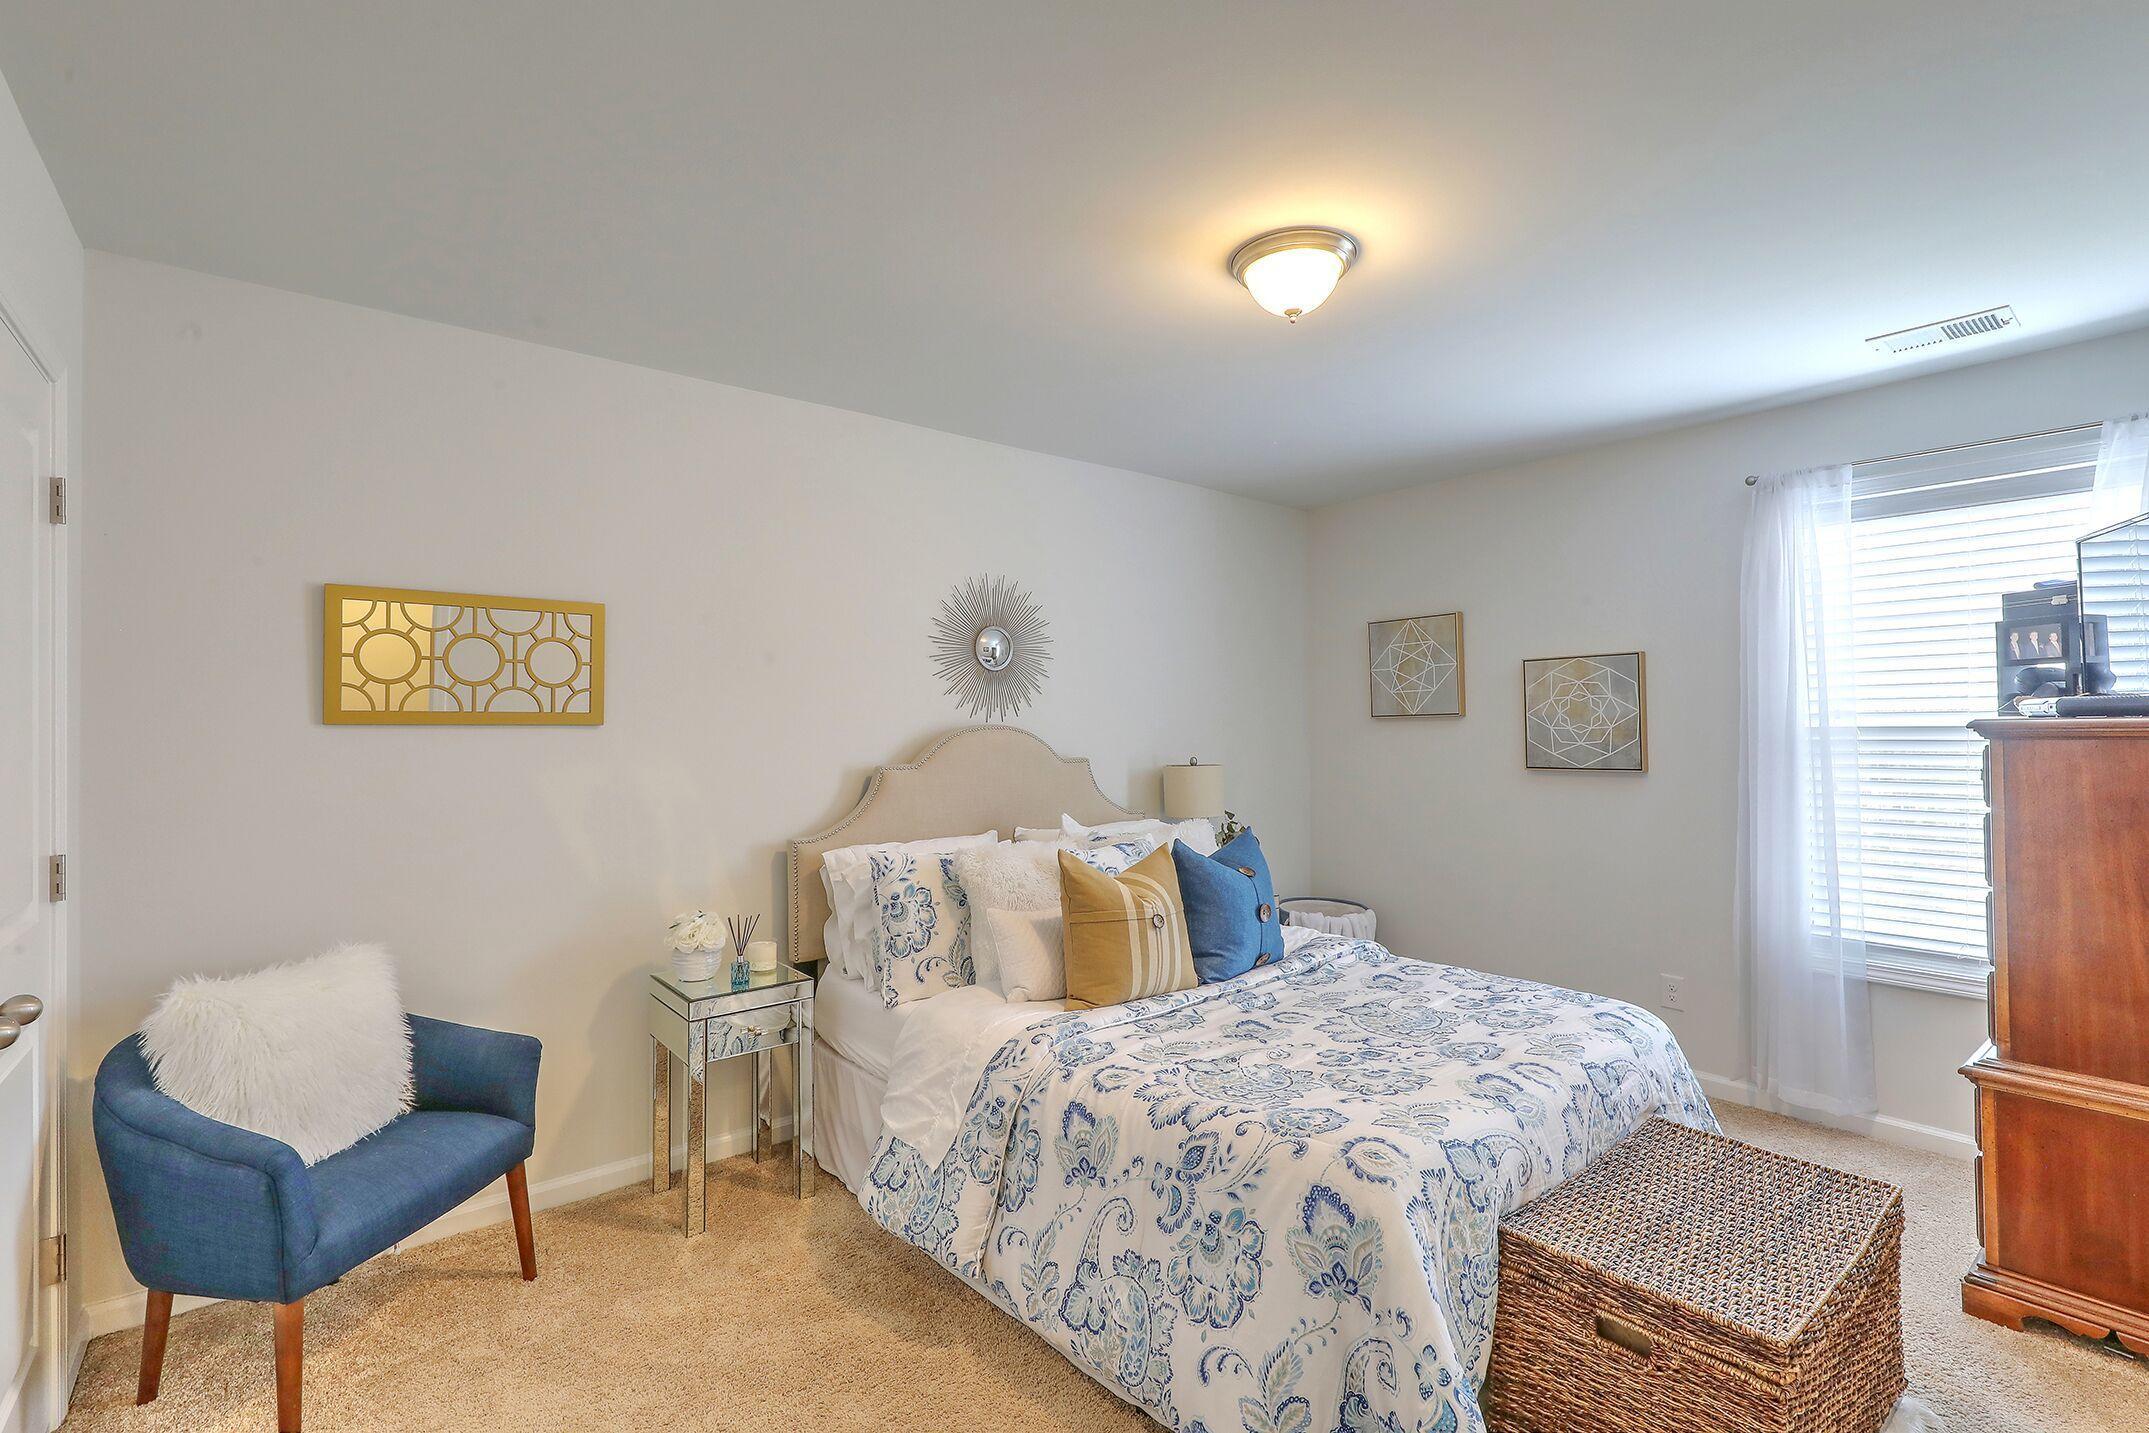 Park West Homes For Sale - 1819 Chauncys, Mount Pleasant, SC - 22